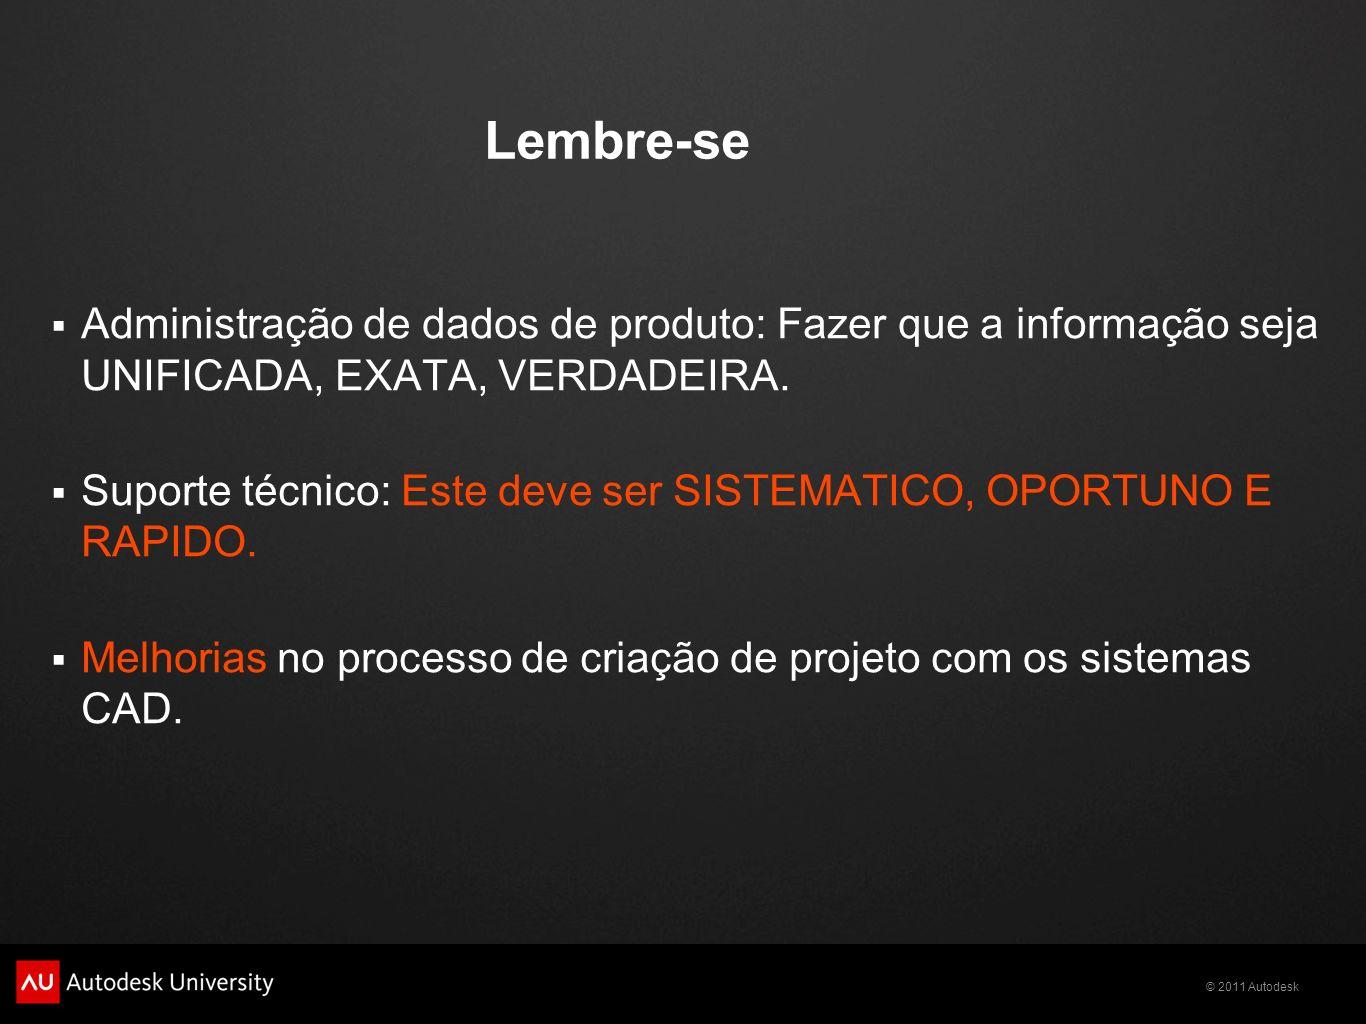 © 2011 Autodesk Lembre-se Administração de dados de produto: Fazer que a informação seja UNIFICADA, EXATA, VERDADEIRA. Suporte técnico: Este deve ser